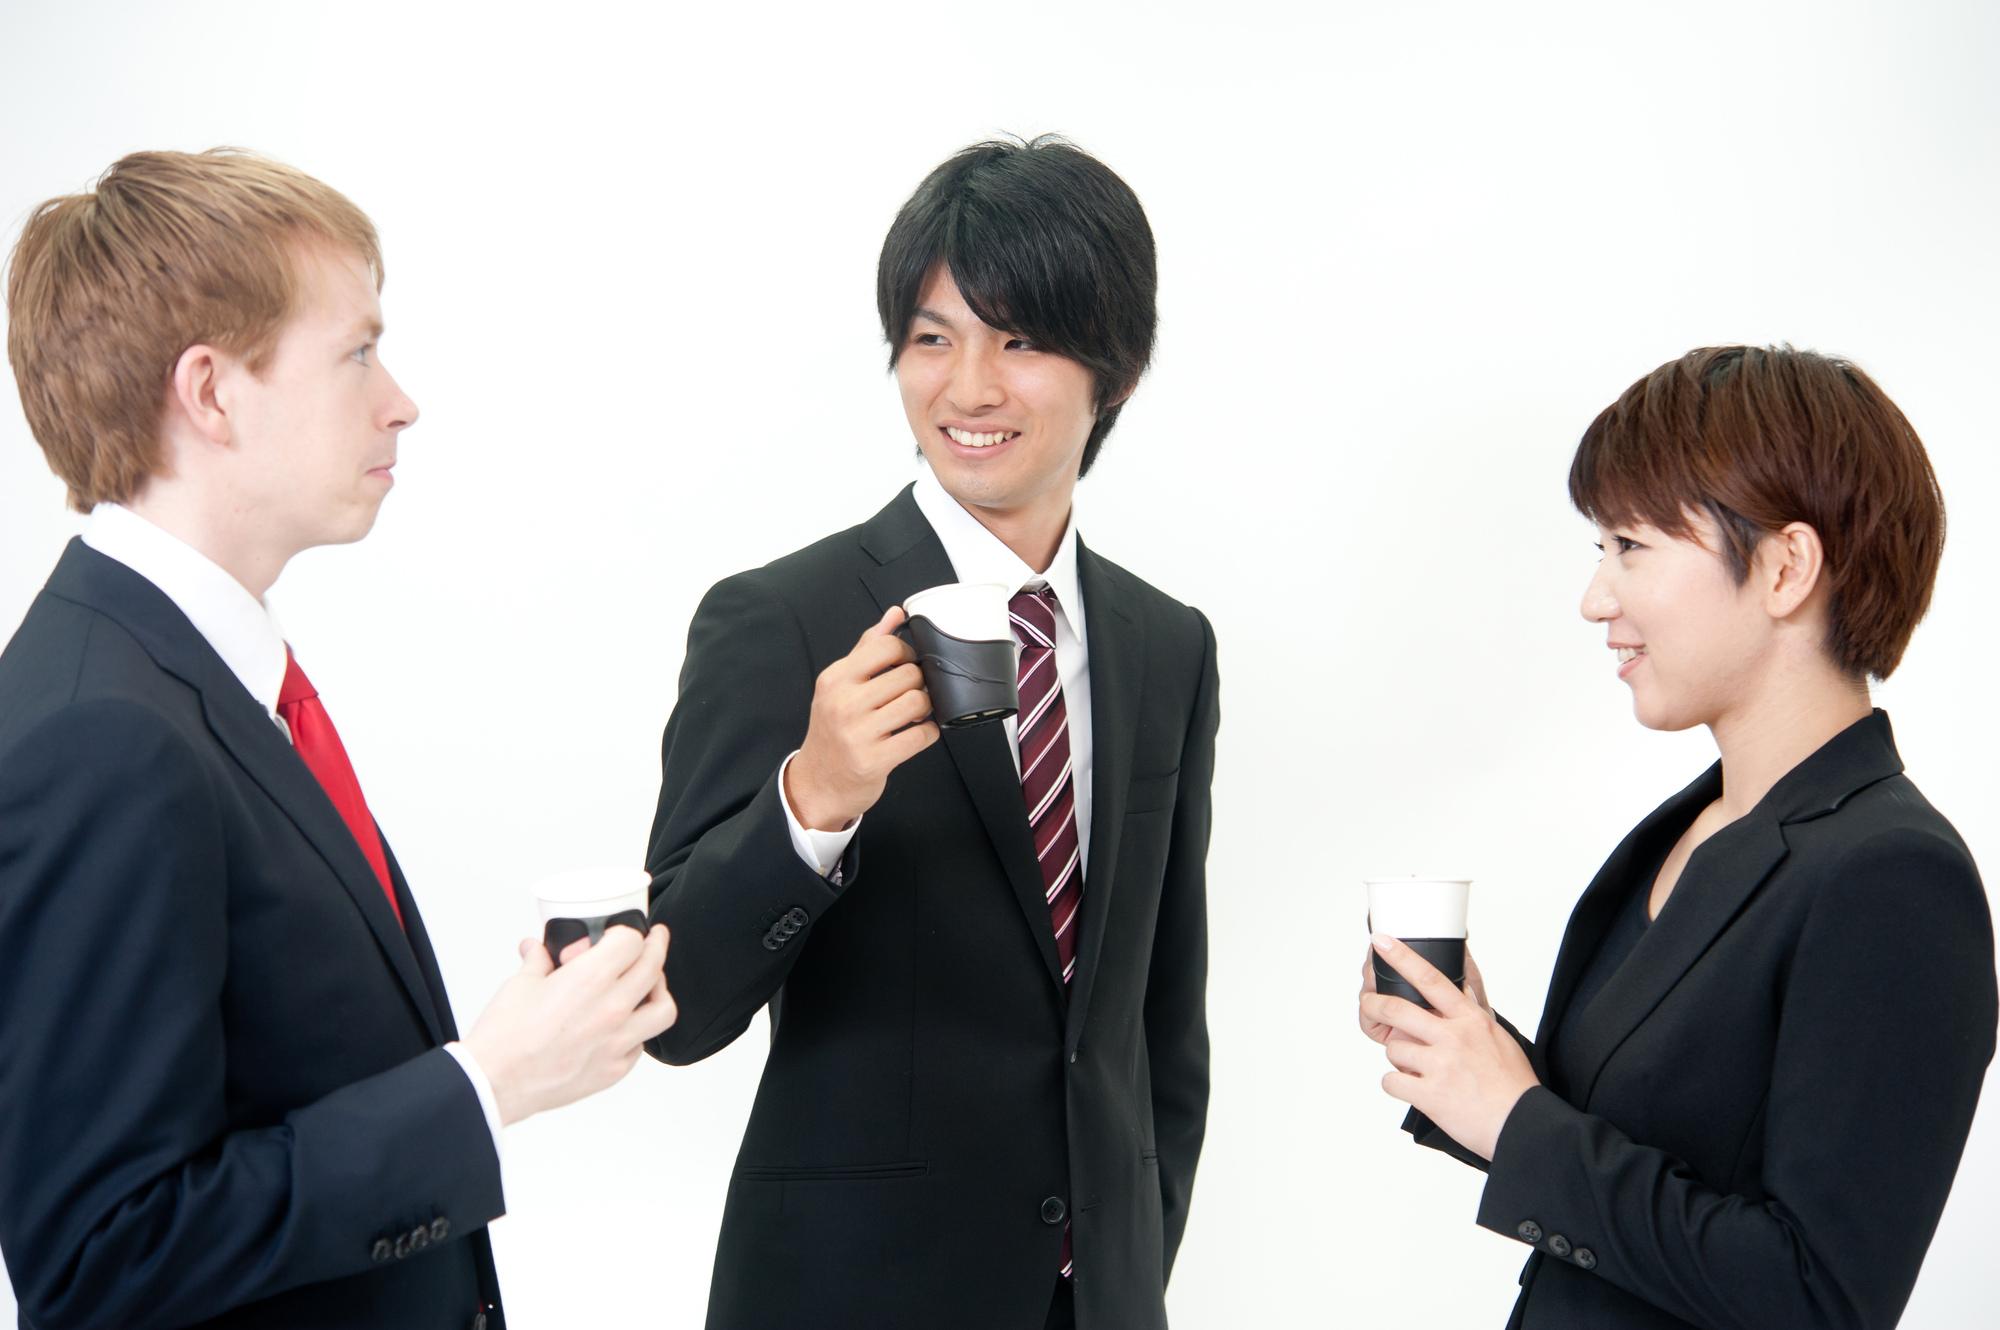 産経オンライン英会話のビジネス英会話の詳細は?詳しく調べてみて分かったこととは?